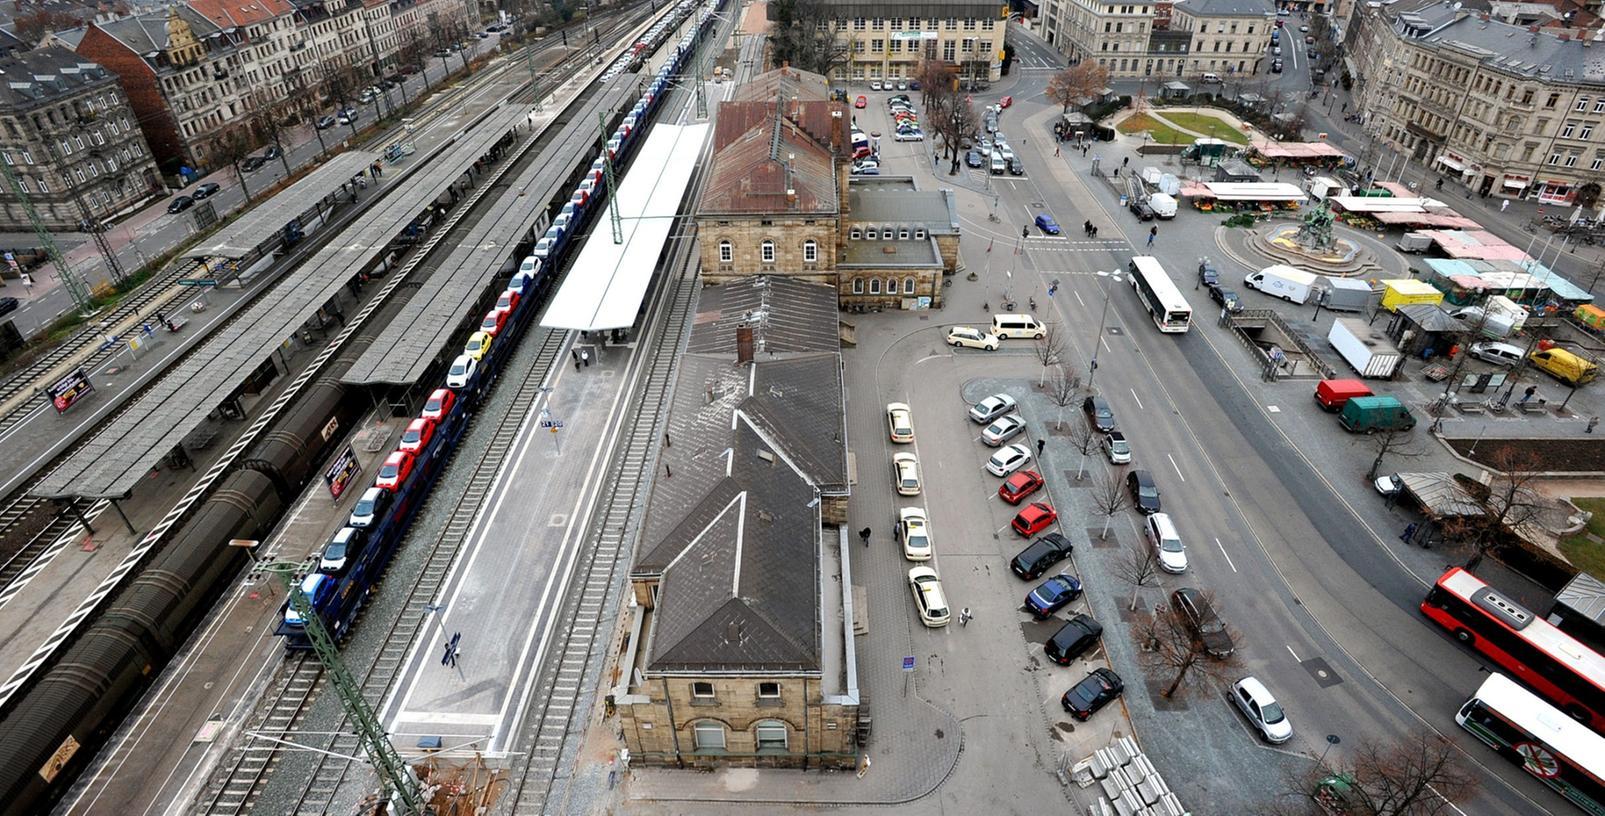 Nach Jahren des Stillstands zeichnet sich eine Lösung für Sanierung und Umbau des Bahnhofgebäudes ab. Während die Stadt den Ostflügel (vorne) erwerben könnte, ist ein Investor interessiert, den Westflügel (verdeckt) zu übernehmen. Der Mittelteil bliebe in Händen der Bahn.